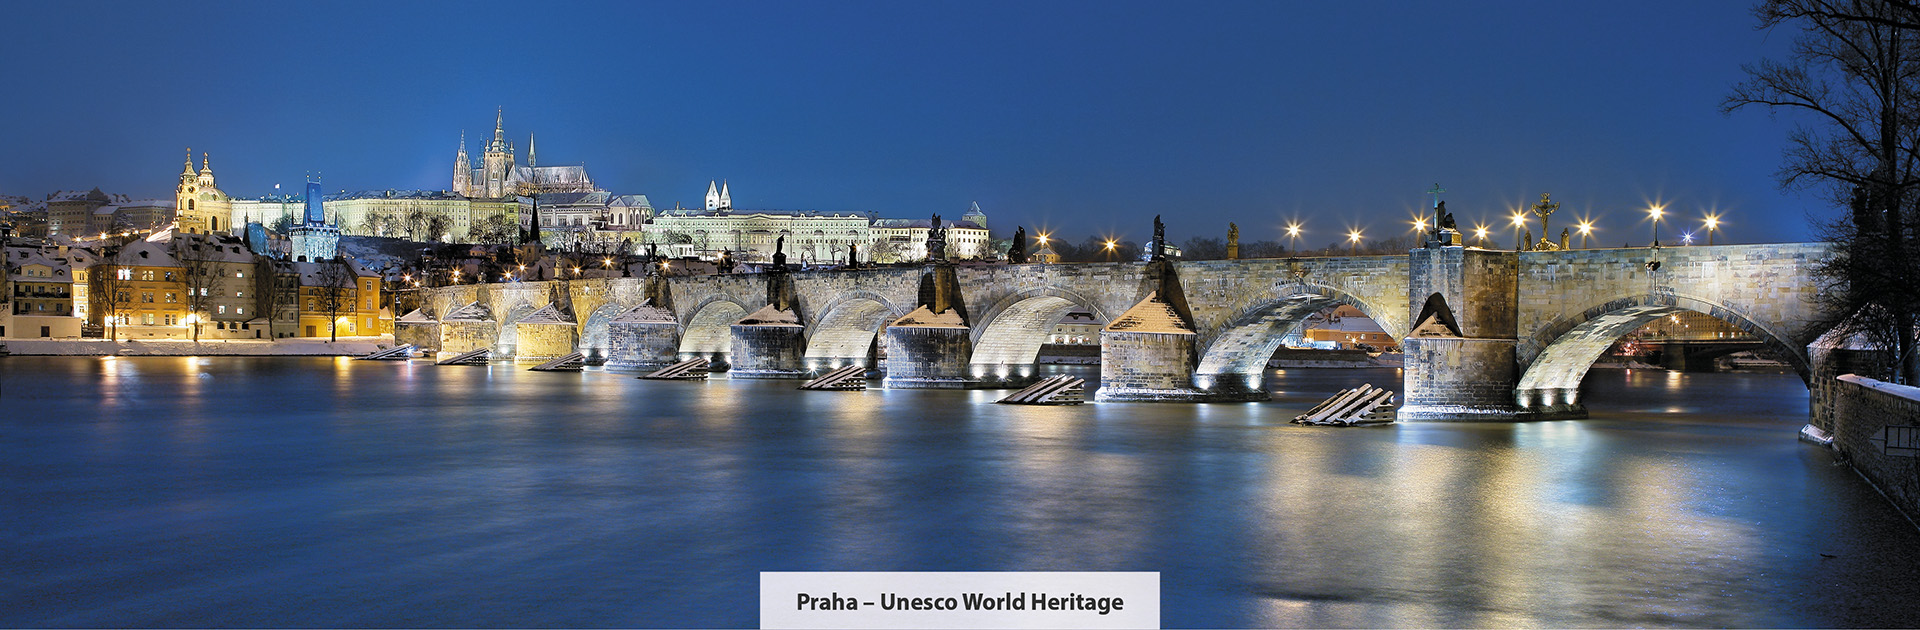 Praha, zimni pohled na Karlův most, zdroj: Libor Sváček, archiv Vydavatelství MCU